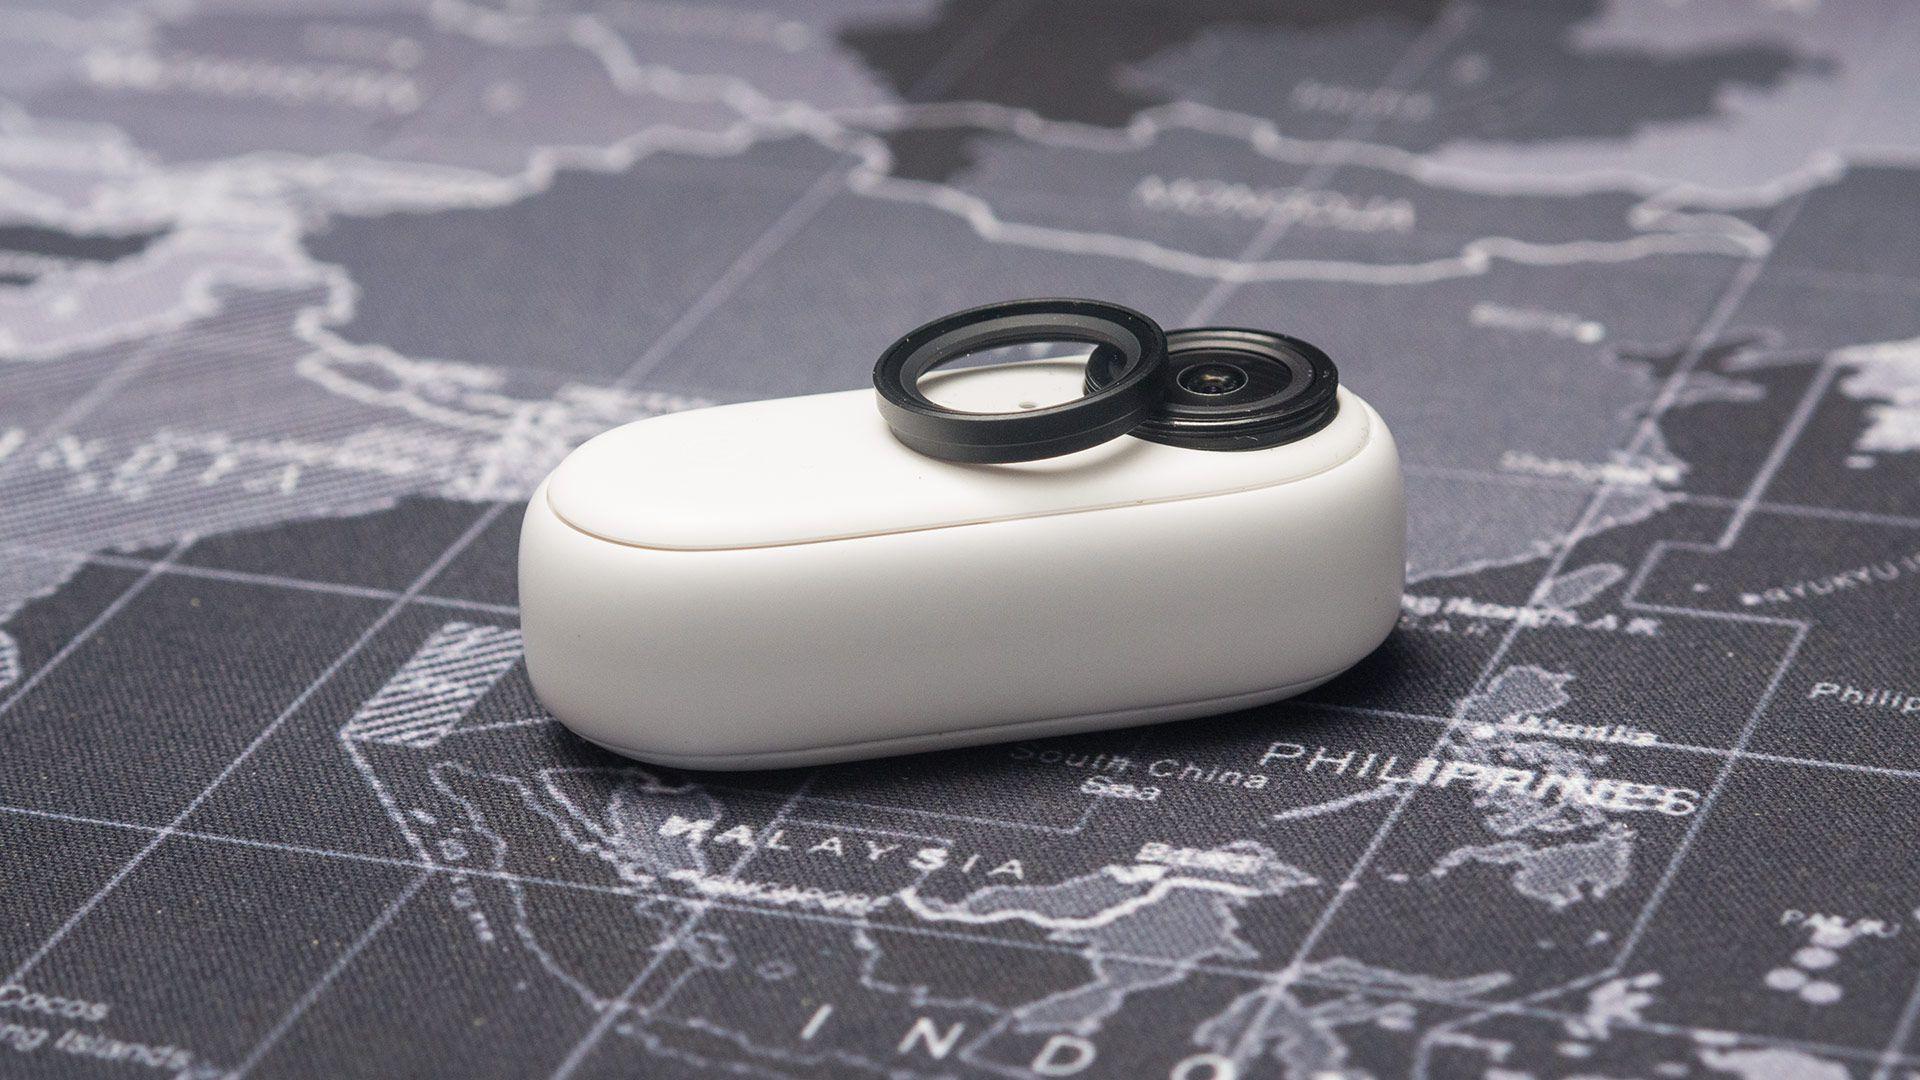 Съемное защитное стекло объектива камеры Insta360 Go 2